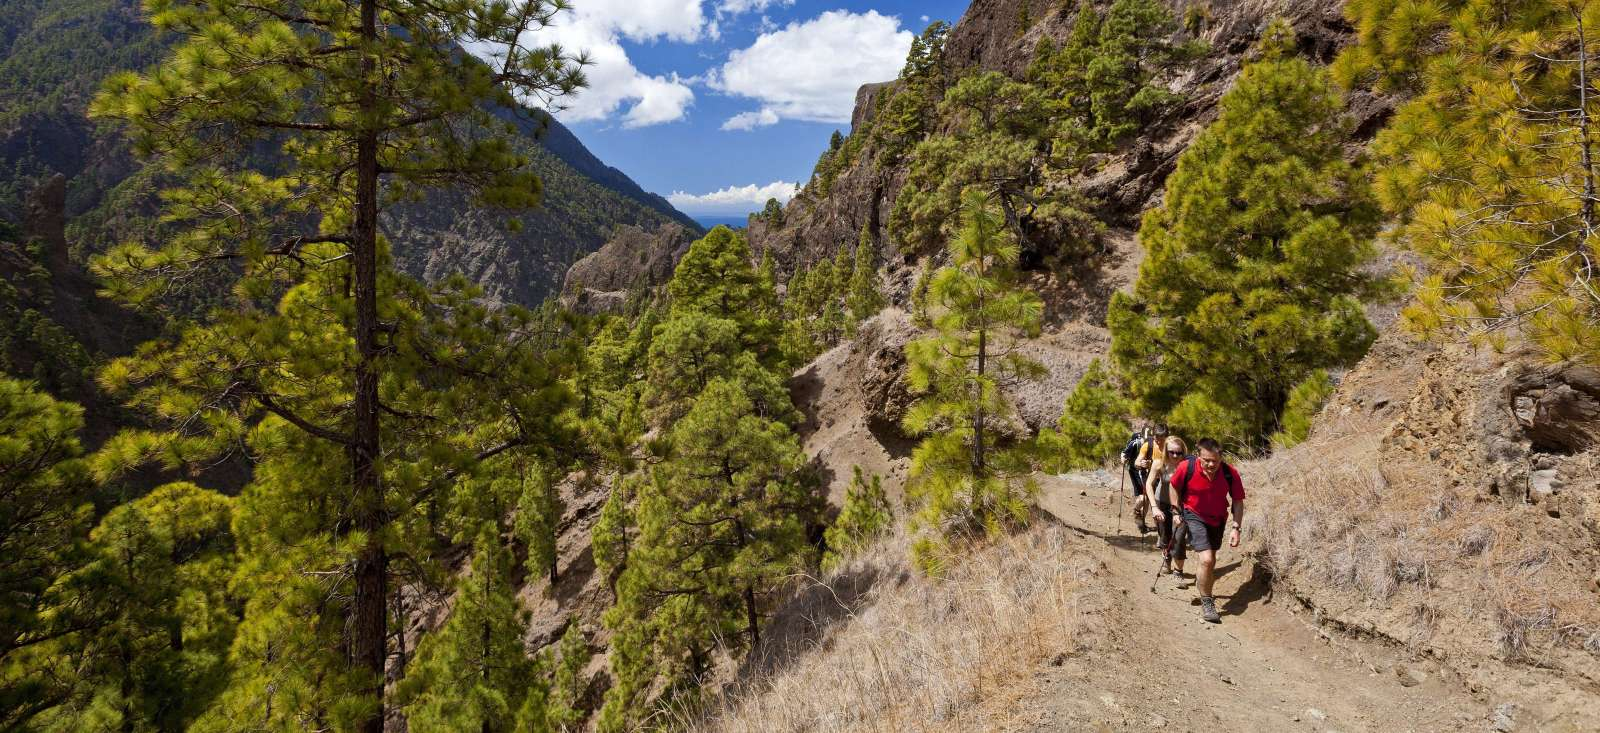 Voyage à pied : Sentiers et reliefs de la Palma